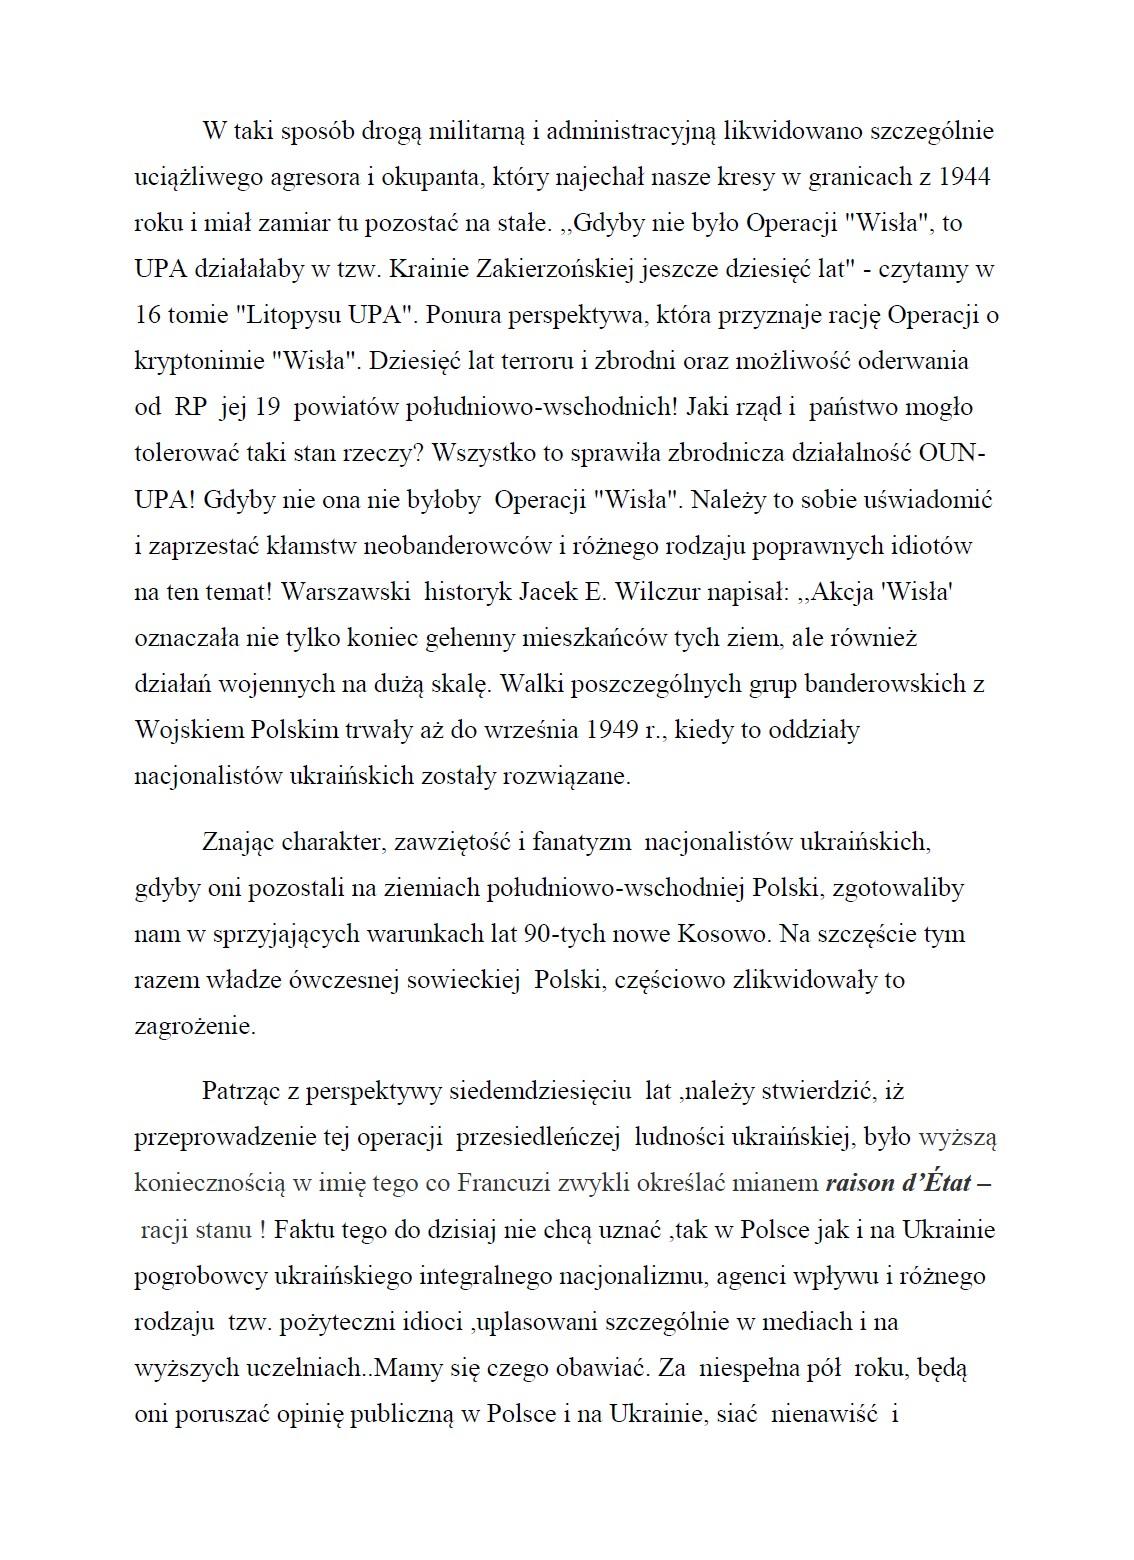 prof_czeslaw_partacz_4